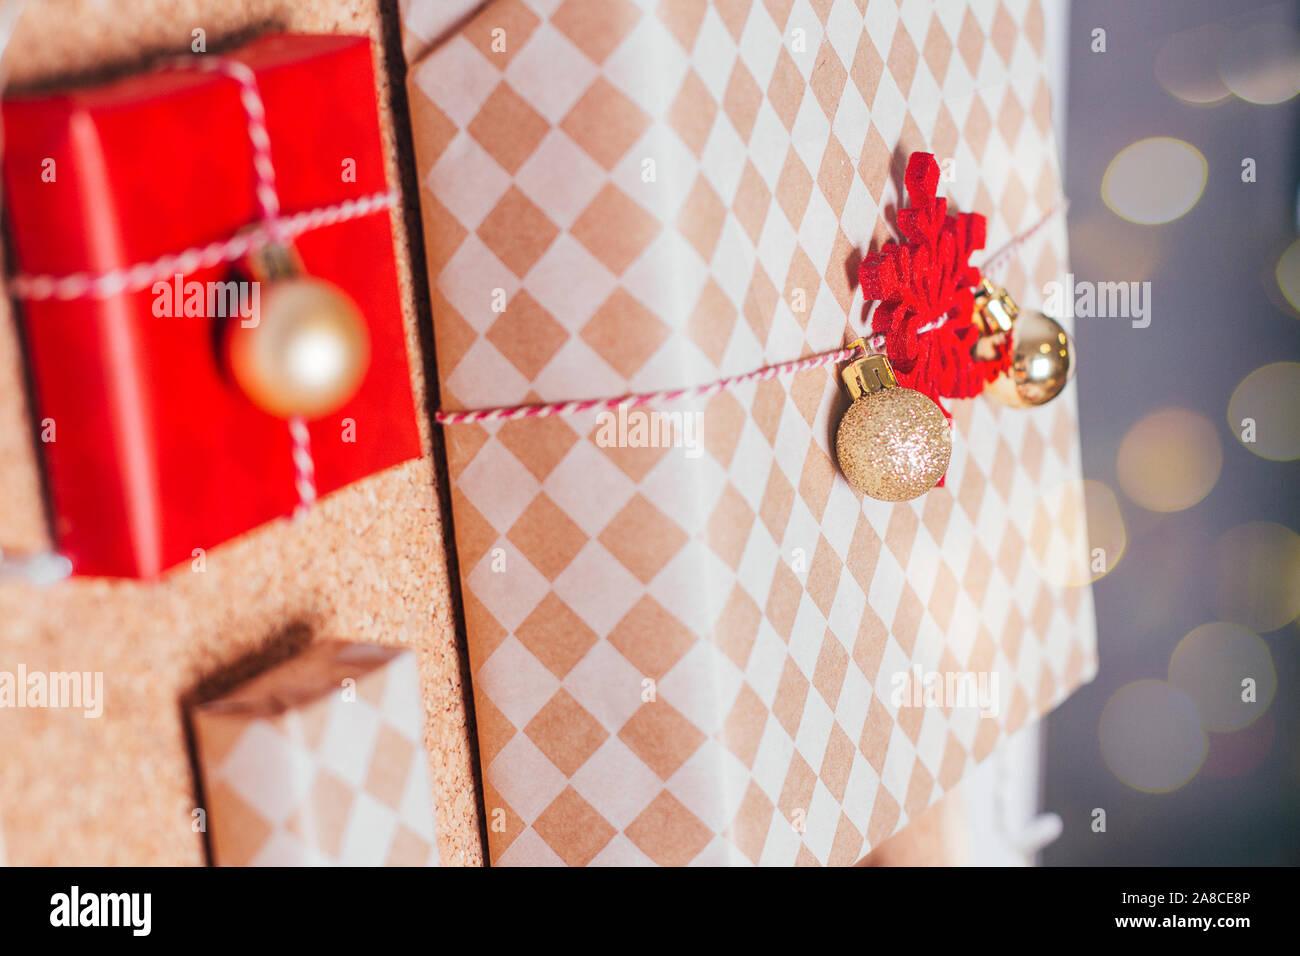 Regalos Para Ninos Pequenos.Calendario De Adviento Con Pequenos Regalos Para Ninos Foto